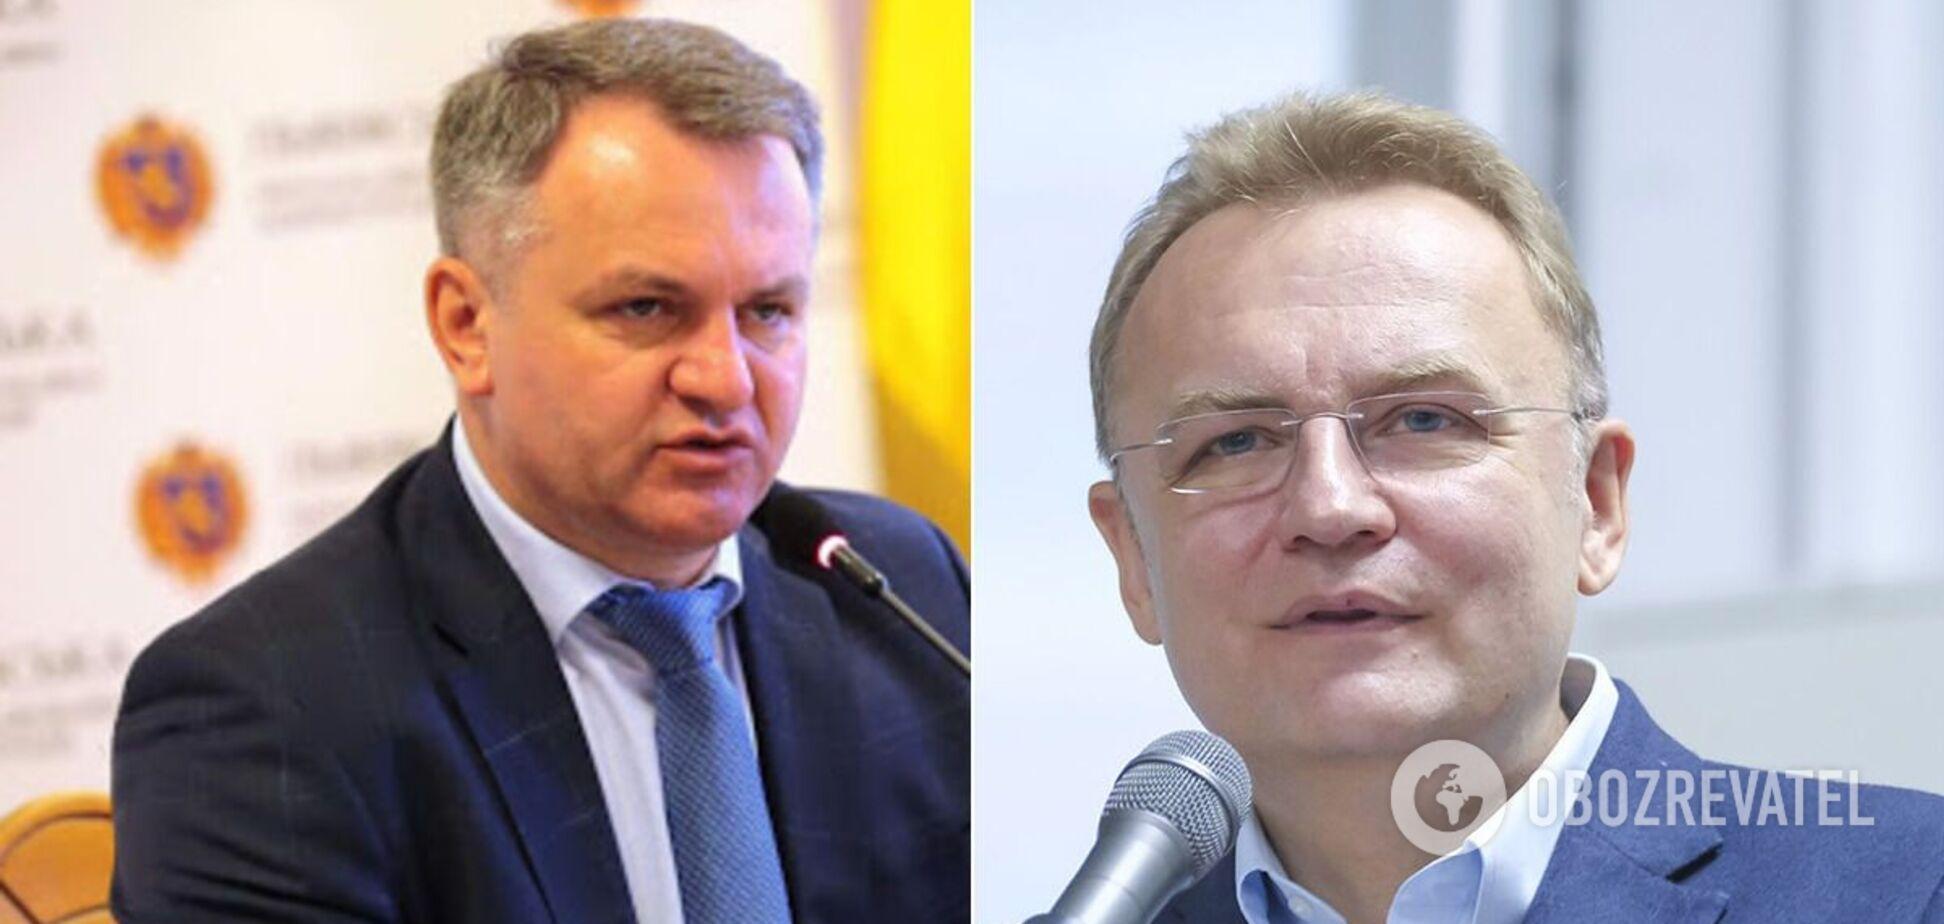 Олег Синютка и Андрей Садовый прошли во второй тур во Львове